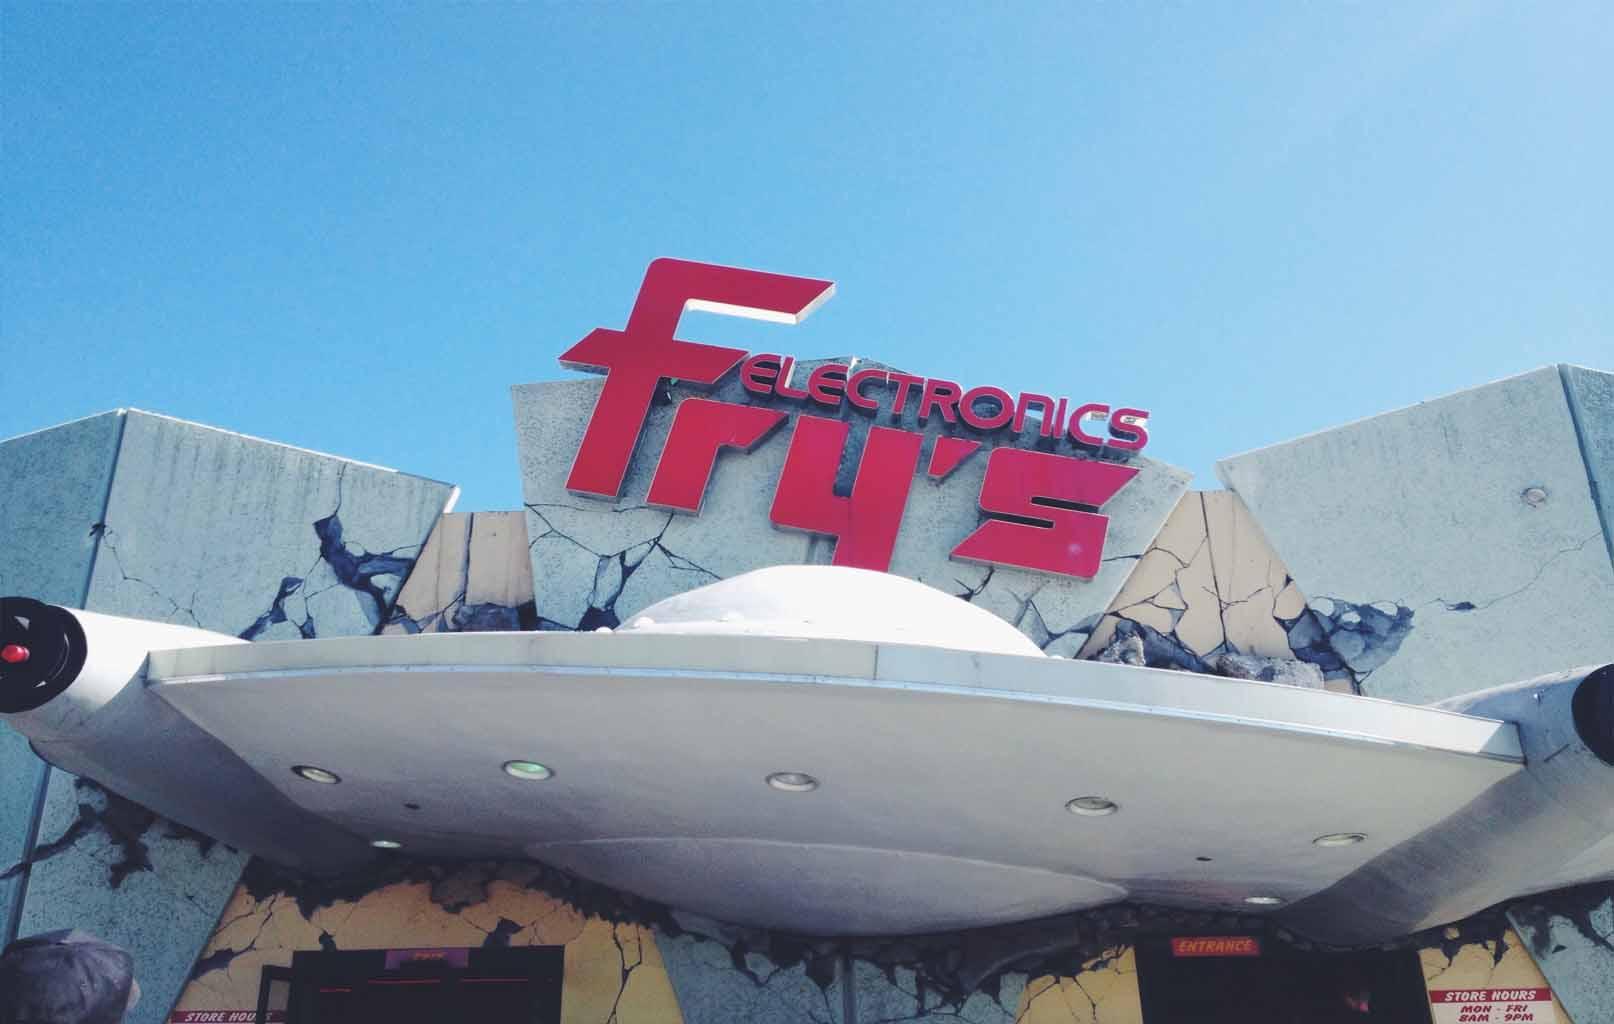 Mua sắm tại Fry's Electronics